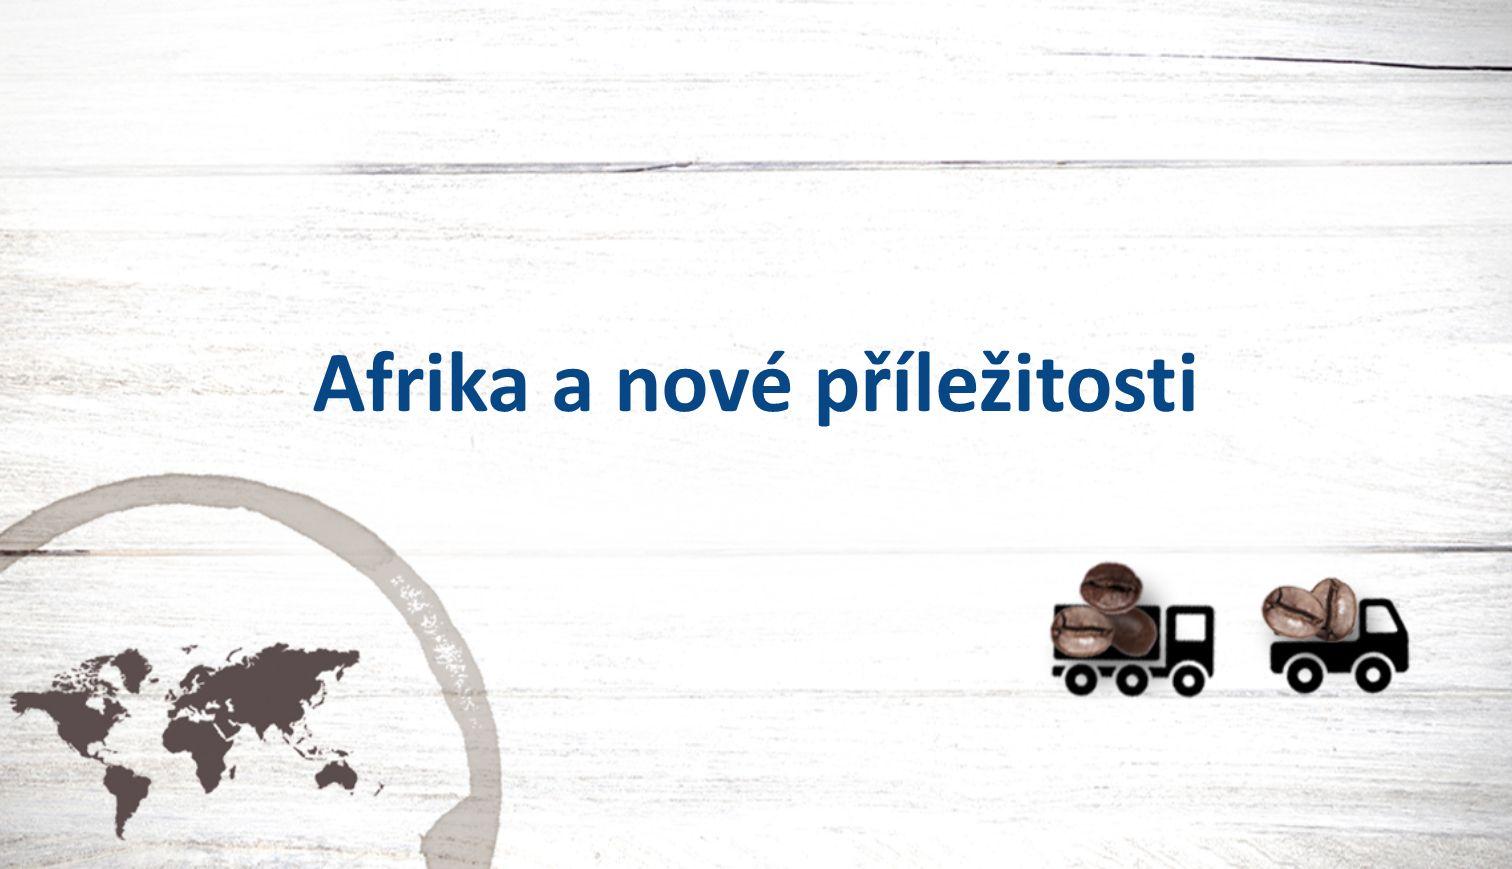 Afrika a nové příležitosti